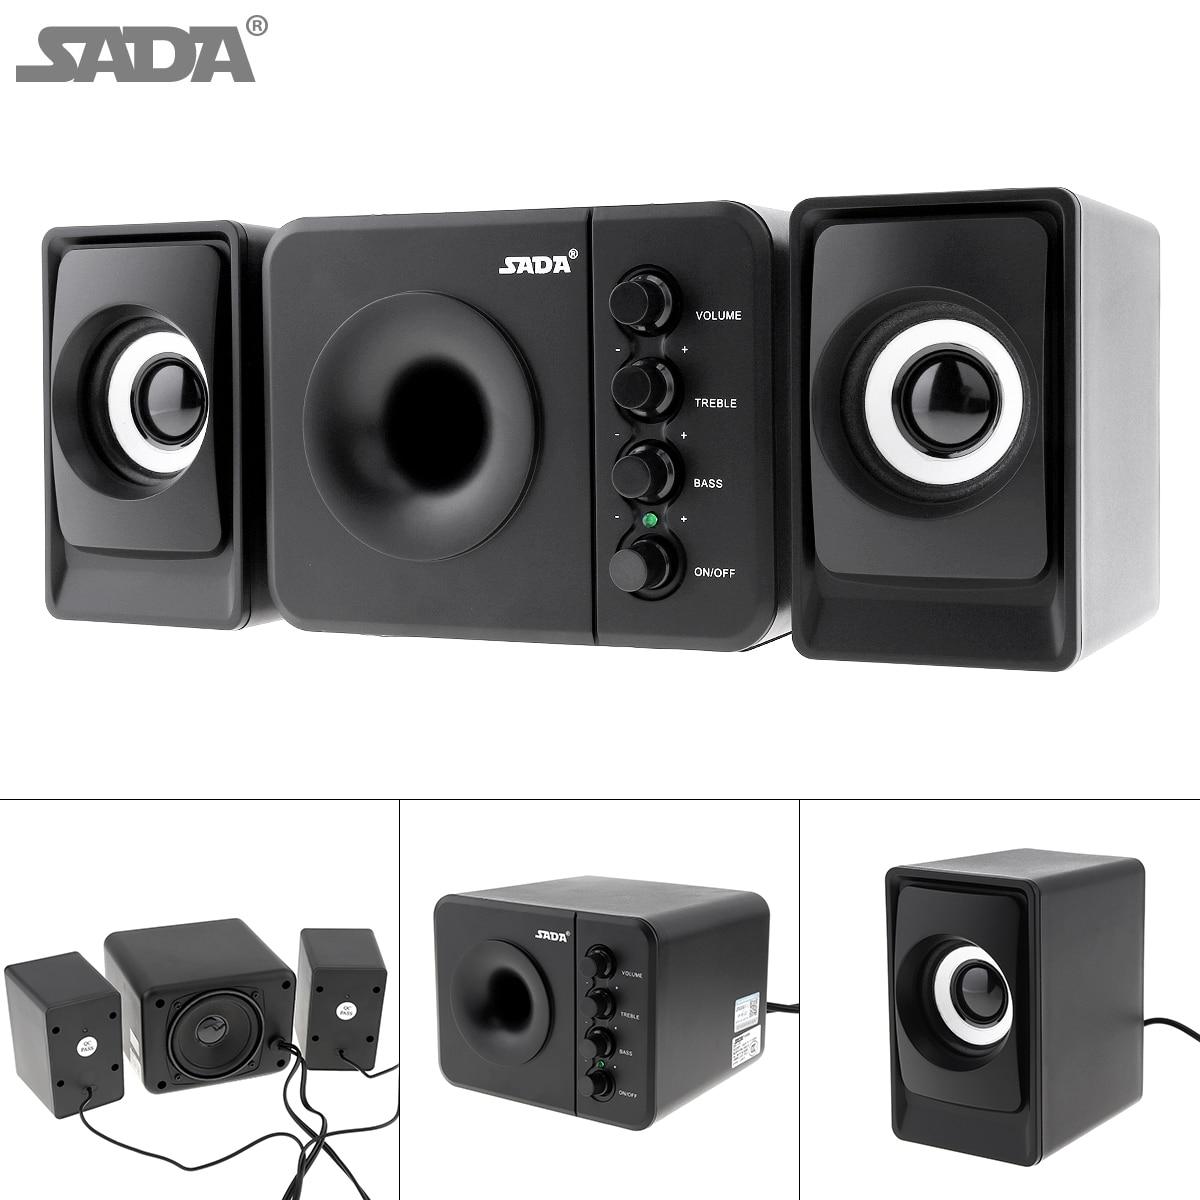 SADA D-205 Newest Full Range 3D Stereo Subwoofer 100% Bass PC Speaker Portable Music DJ USB Computer Speakers for Laptop TV